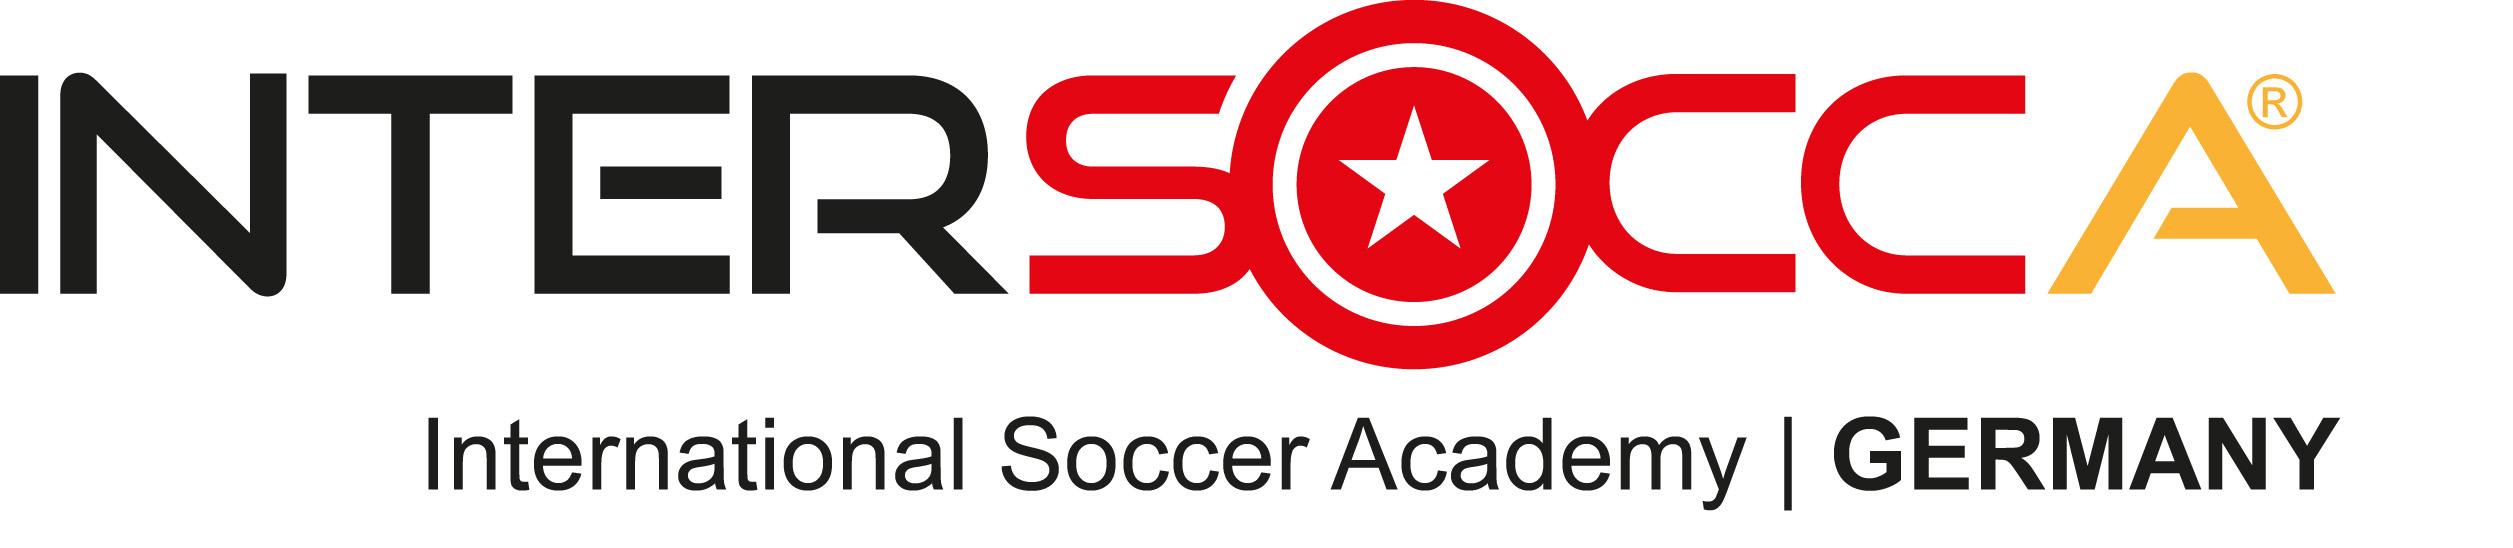 Die Fußballschule INTERSOCCA trainiert vereinsergänzend Kinder mit einem sportwissenschaftlich basierten Trainingskonzept um die Kinder langfristig zu fördern.